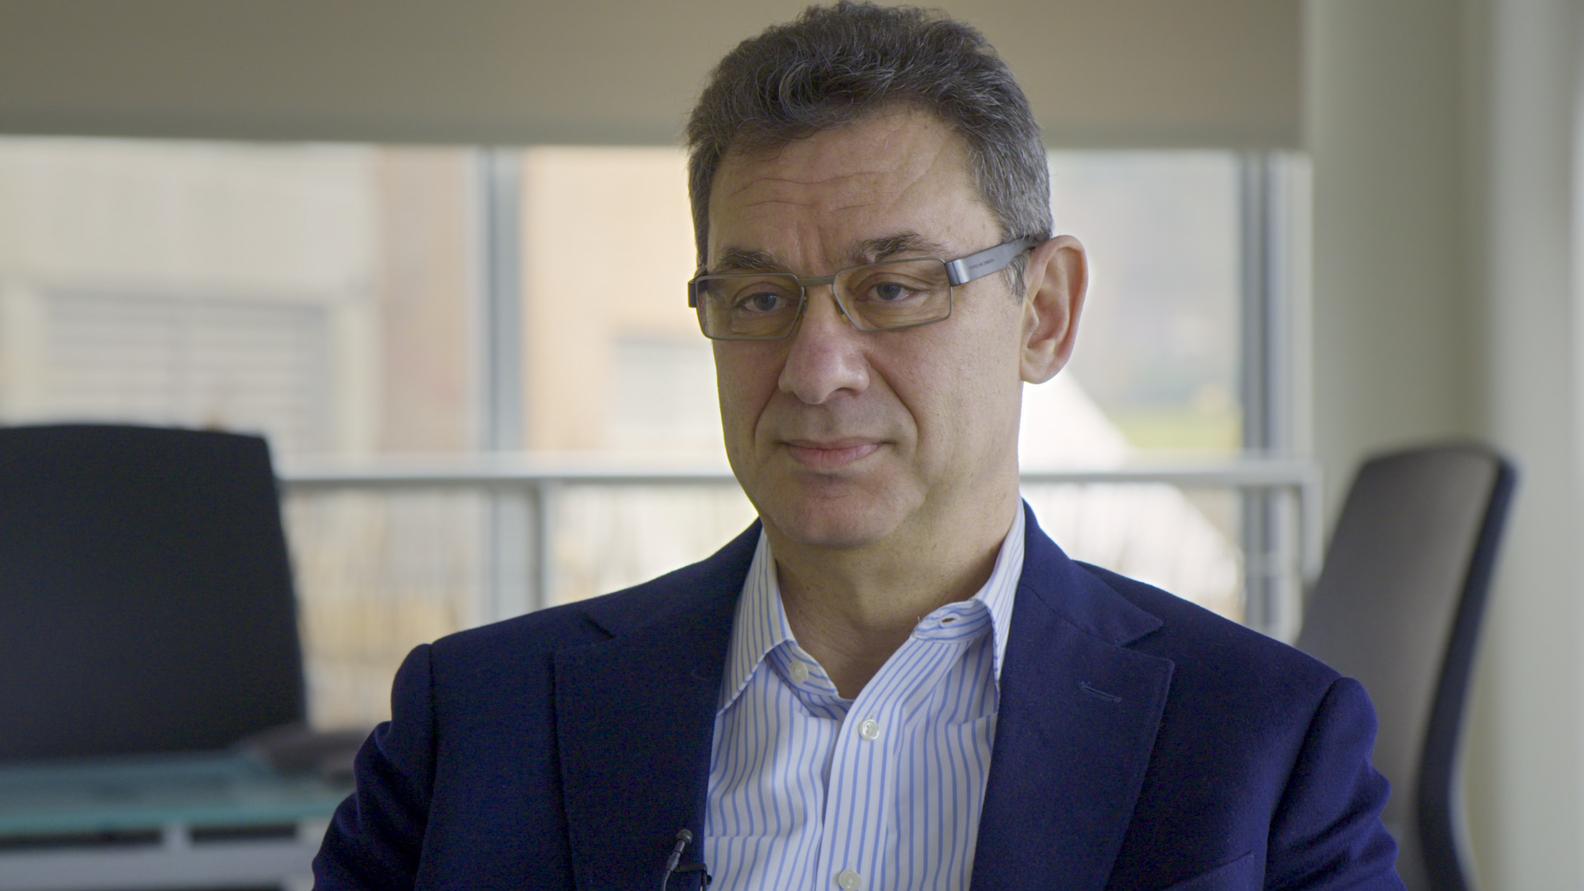 IMAGEM: Pfizer projeta receita de US$ 33,5 bi em 2021 com venda de vacinas no mundo